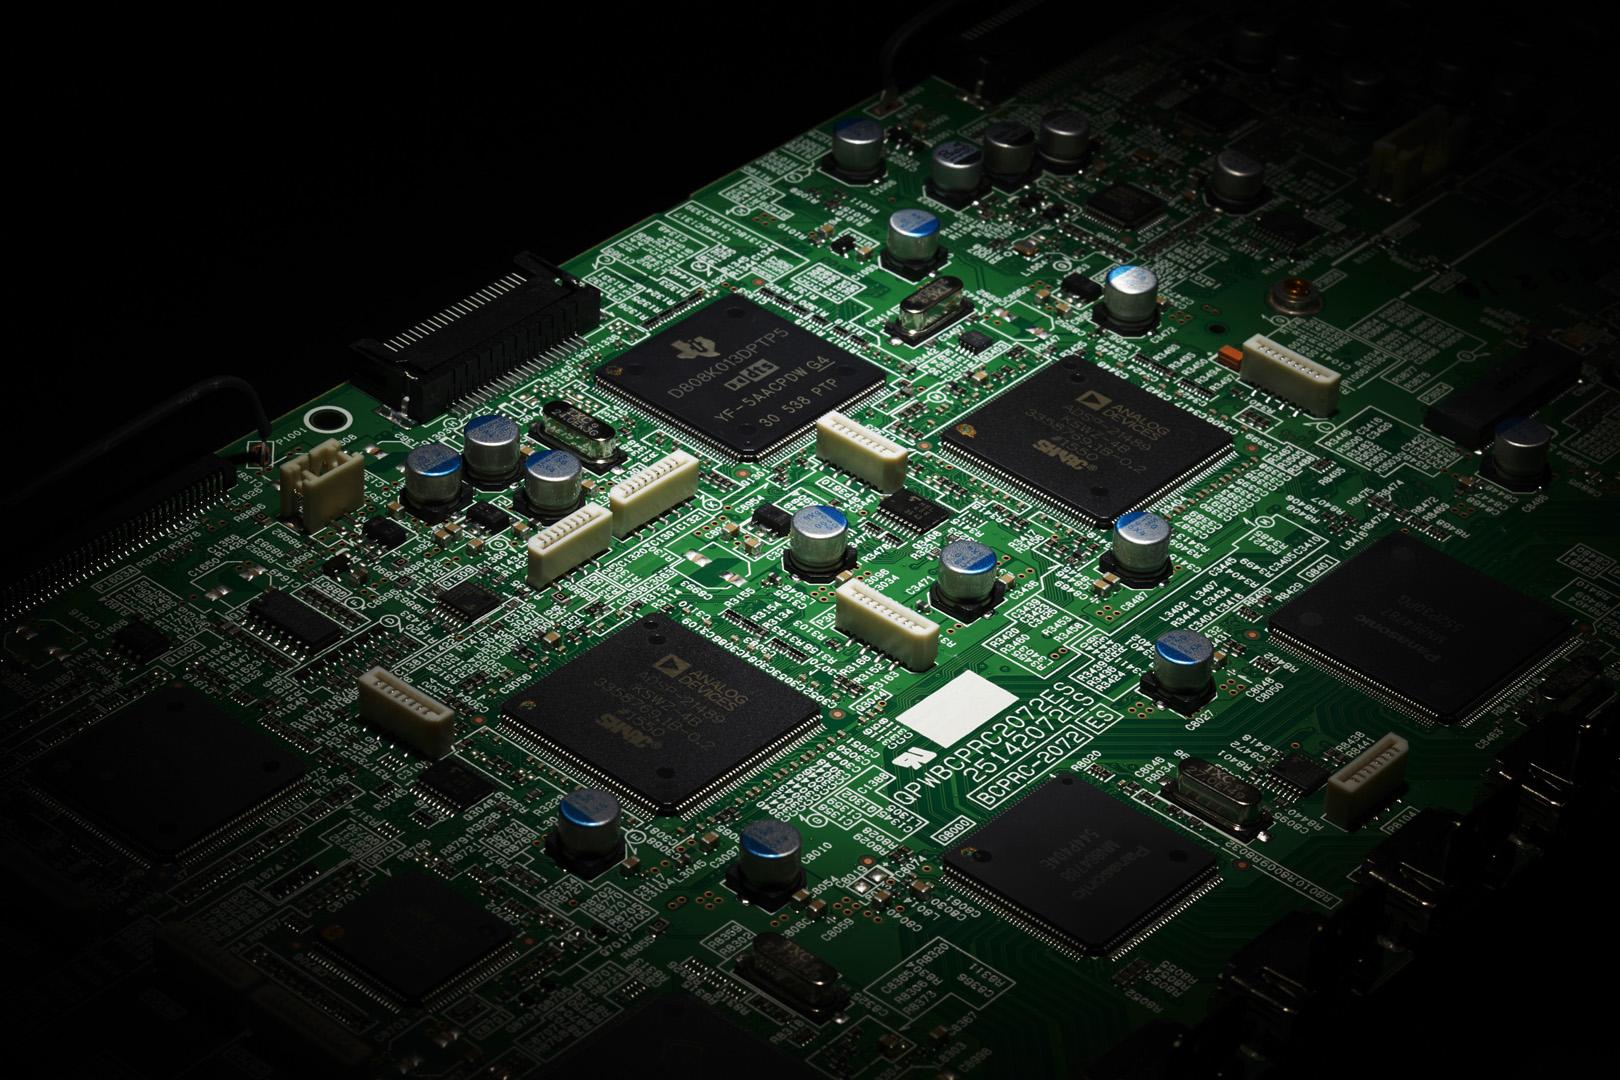 TX-RZ3100_RZ1100 3 DSPs Image